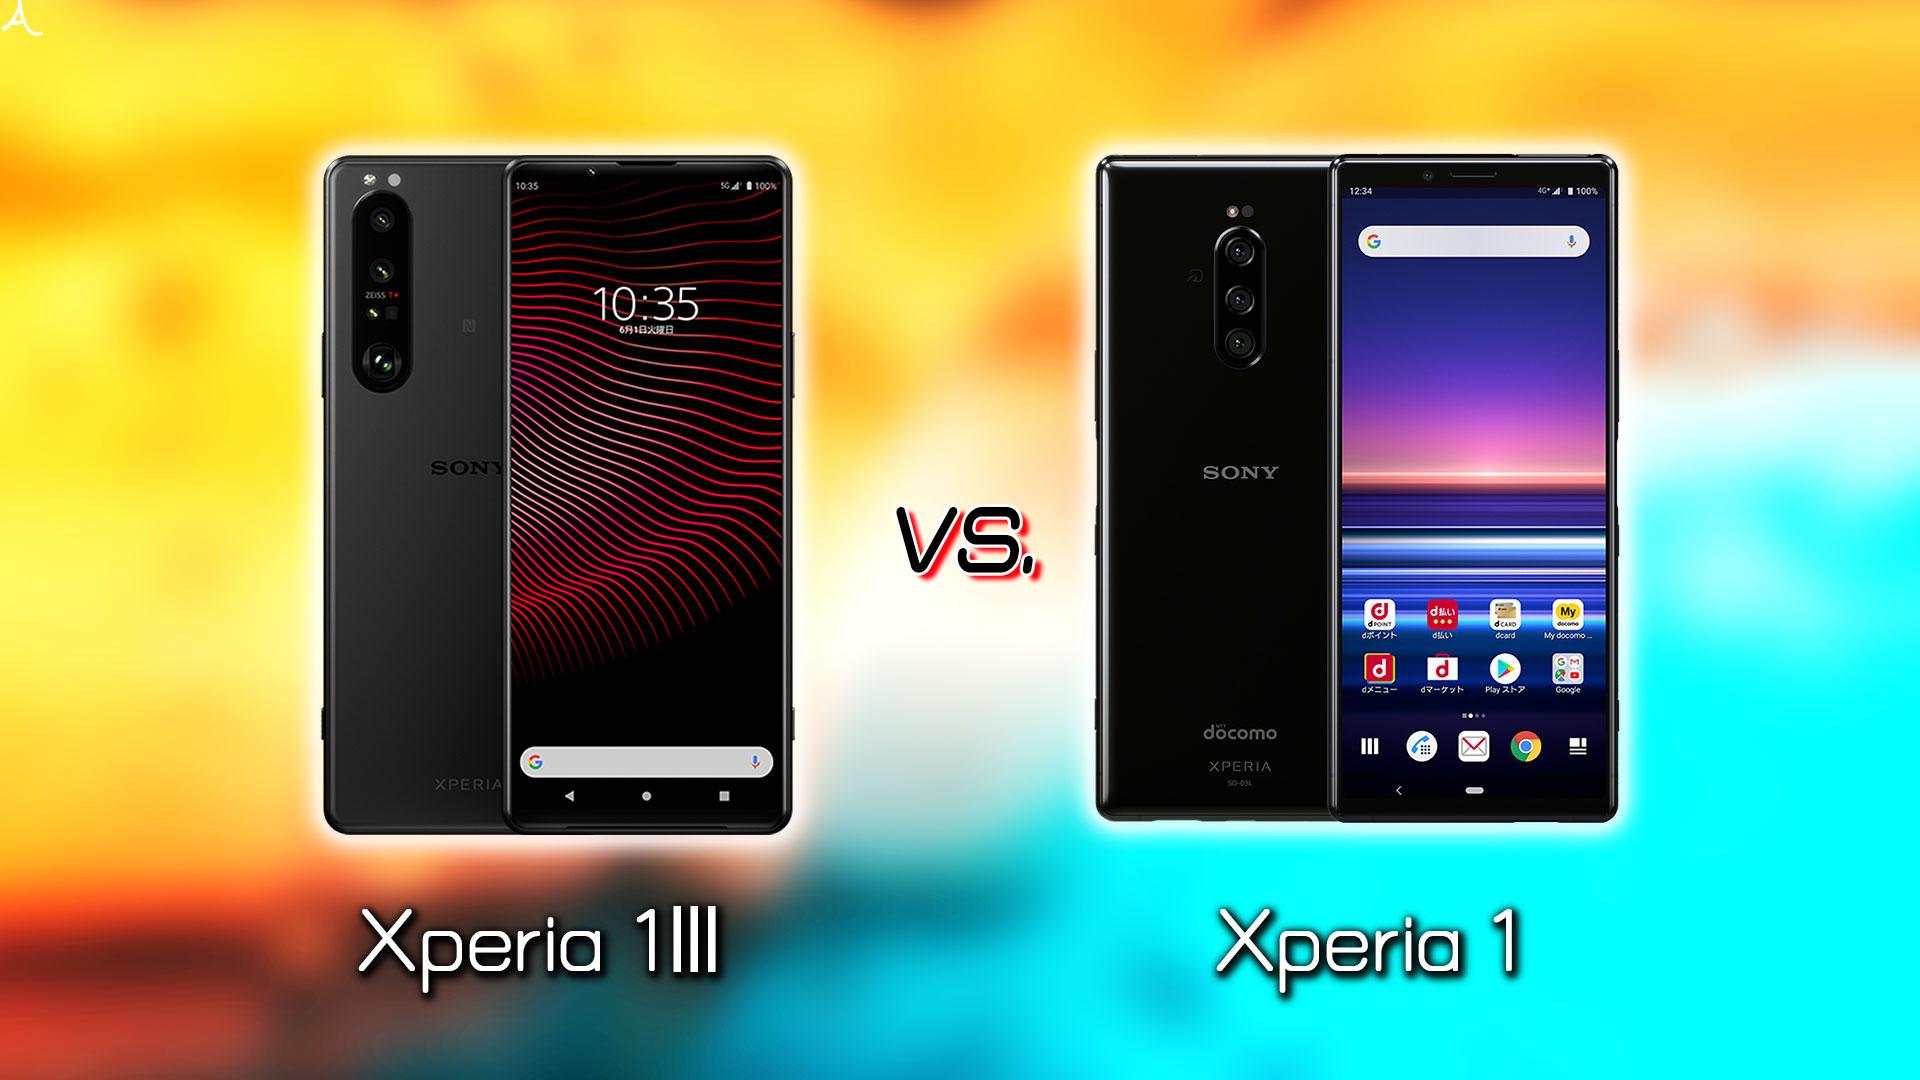 「Xperia 1 III」と「Xperia 1」の違いを比較:どっちを買う?